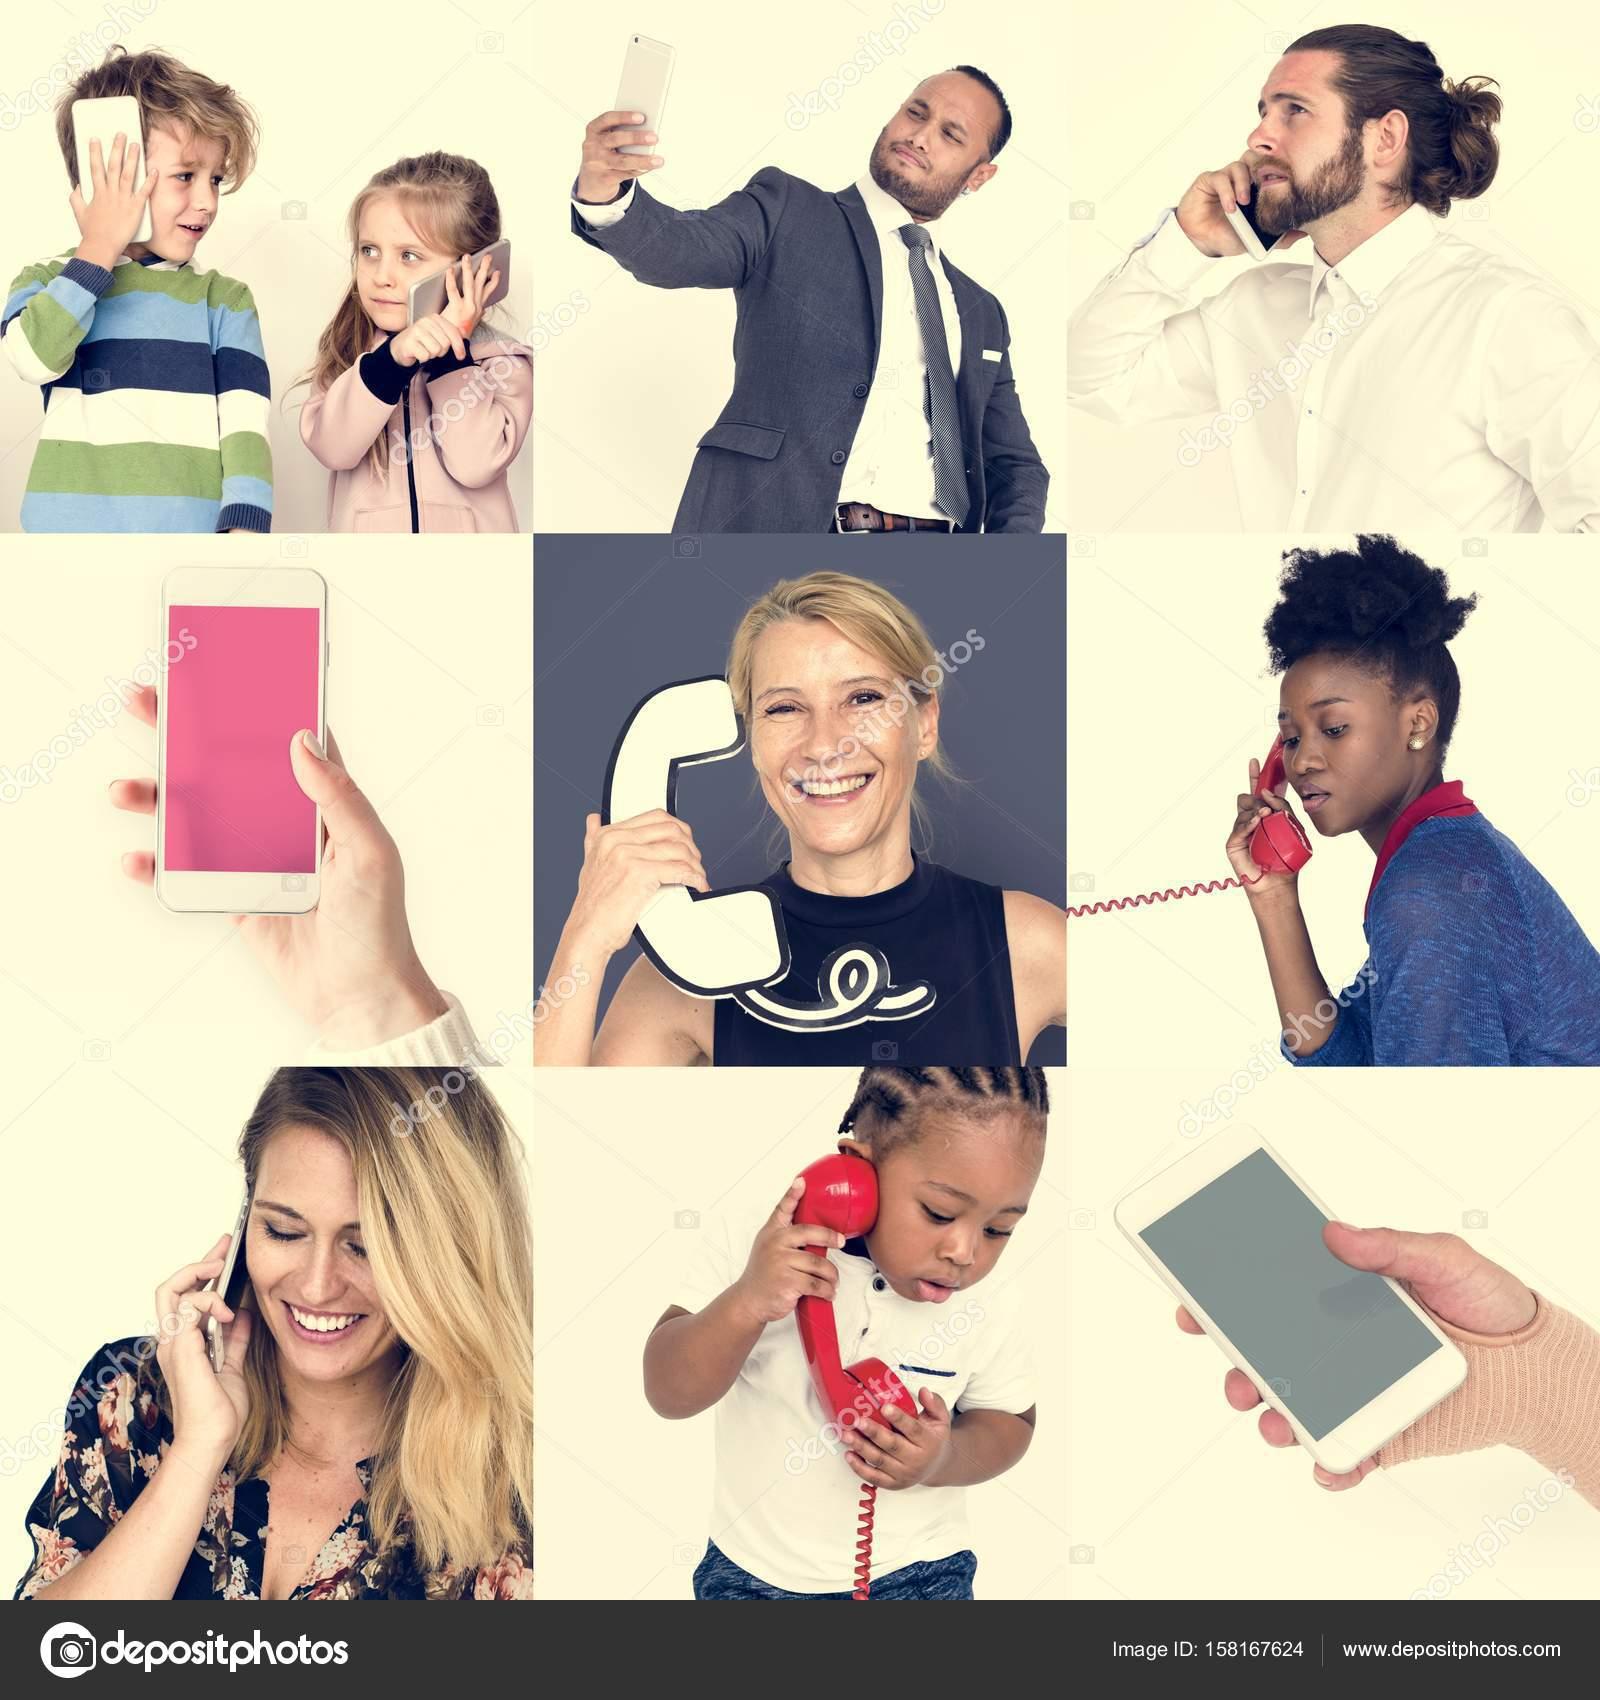 Olika Personer Använder Telefon Stockfotografi Rawpixel 158167624